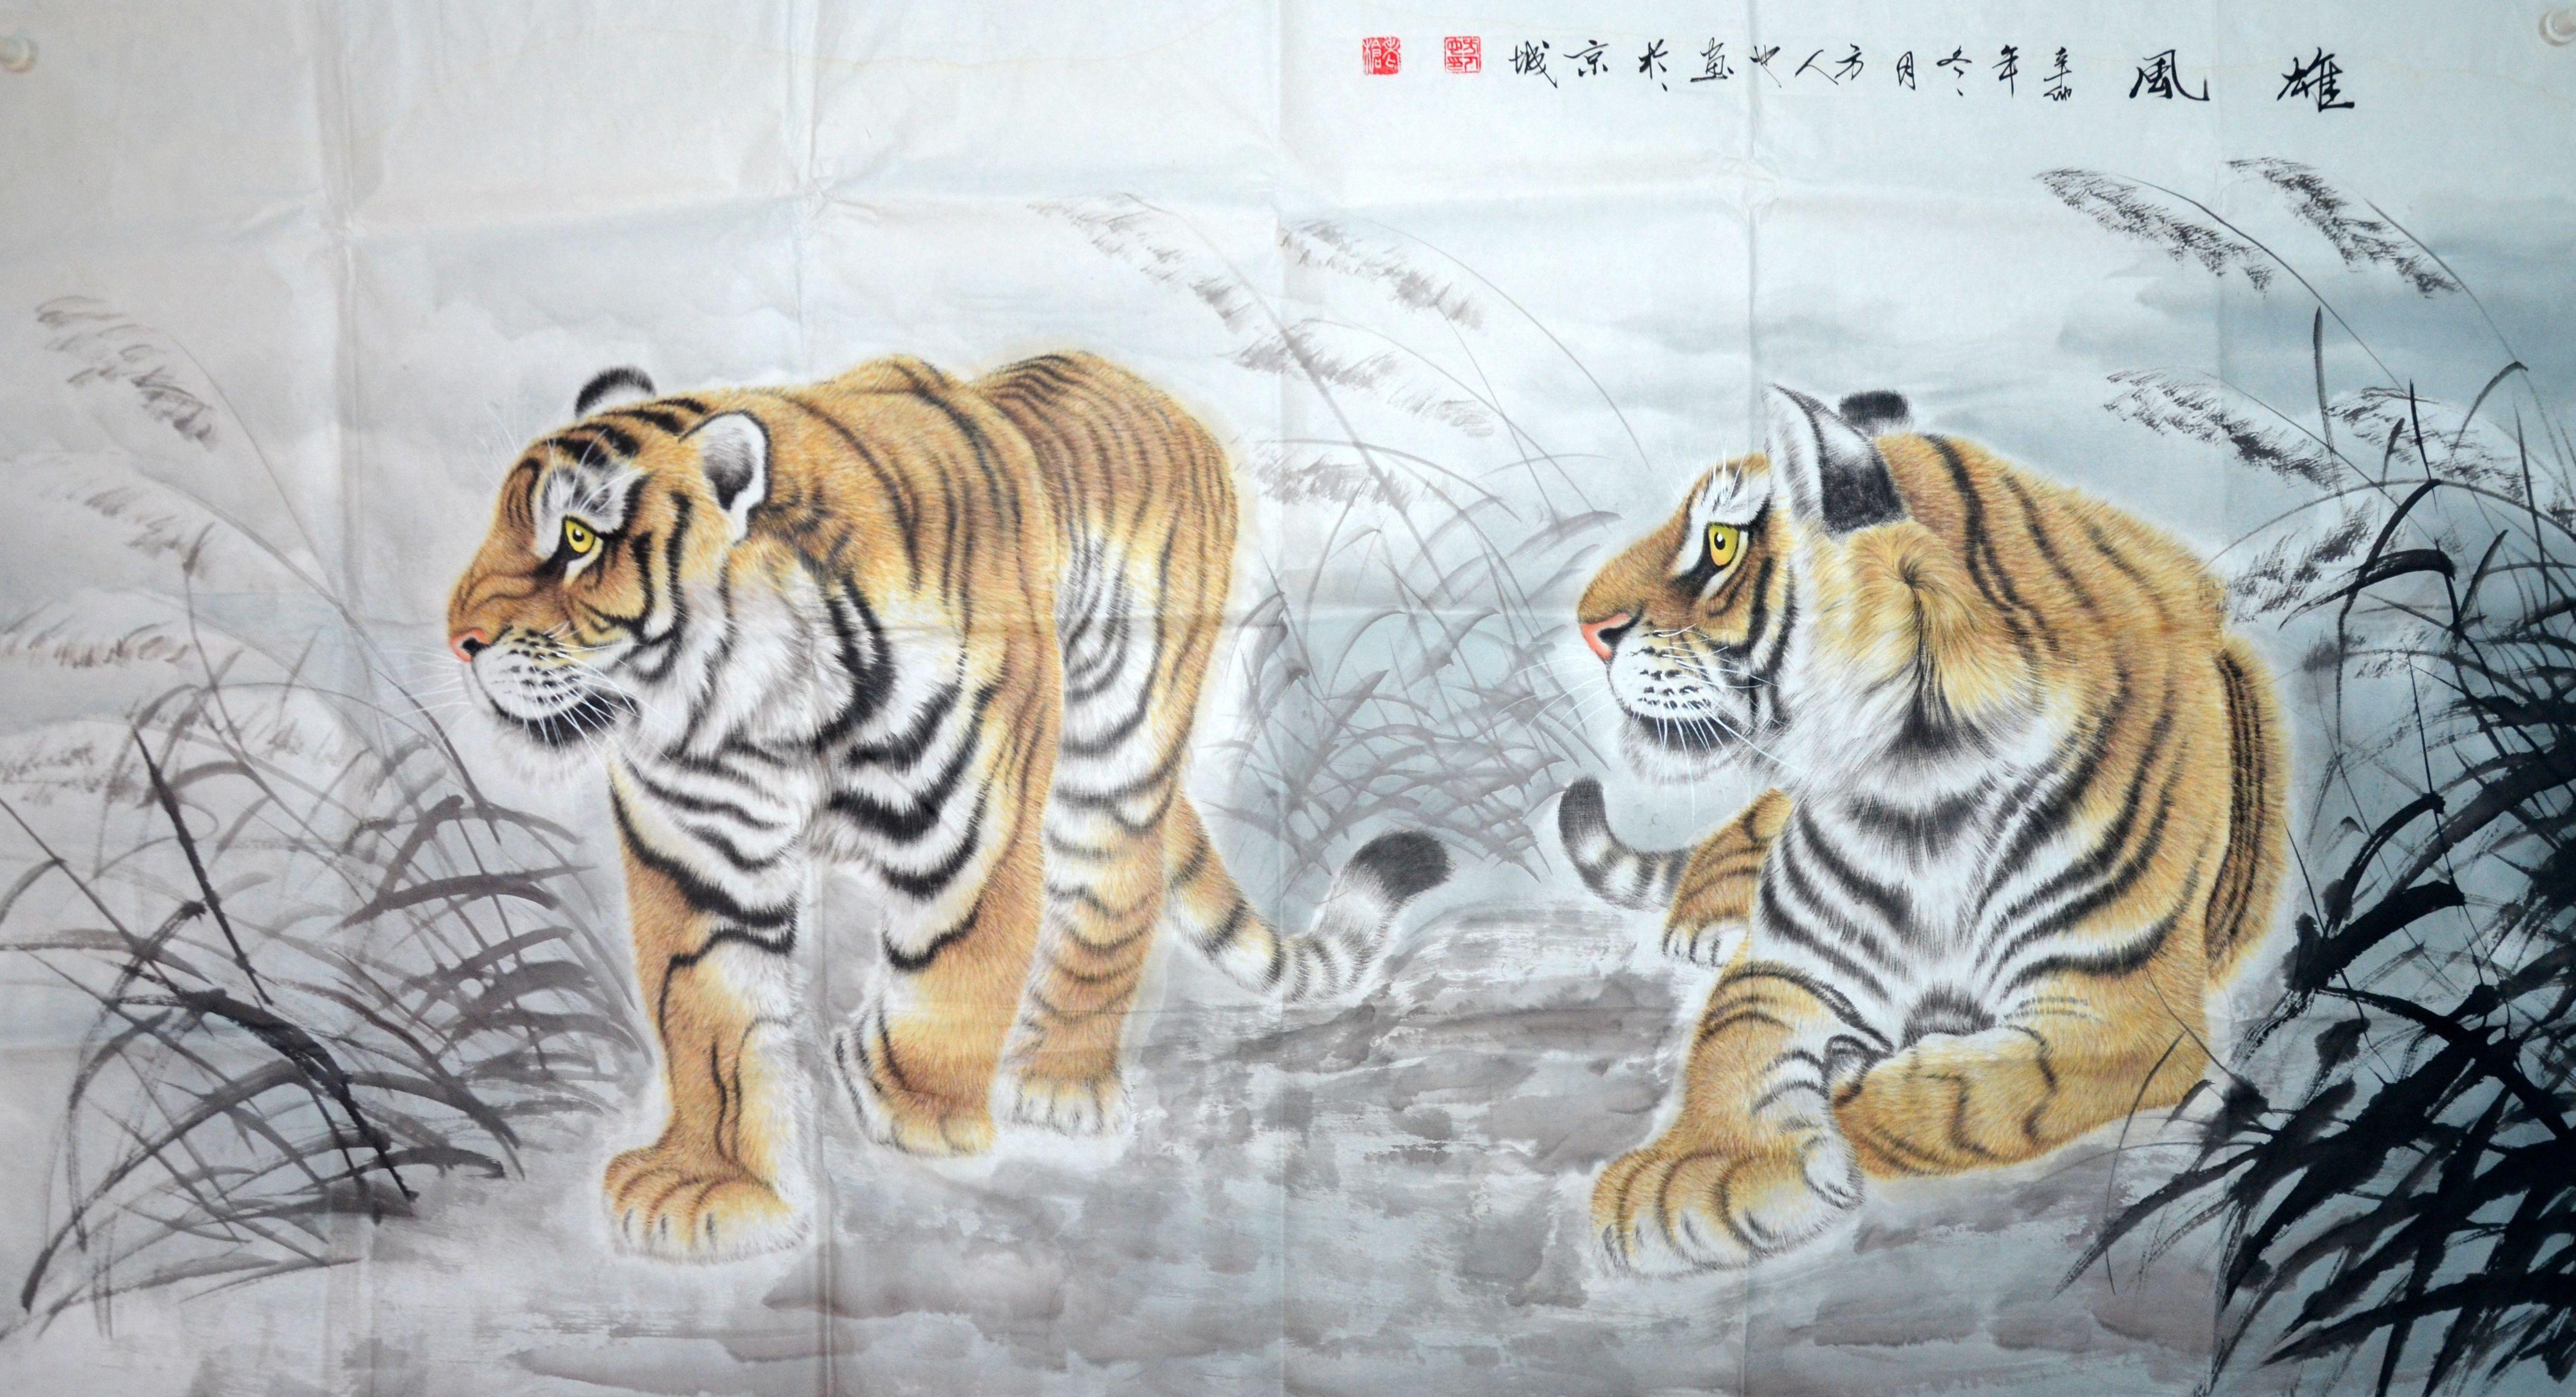 动物 动物种类繁多,大小不一,狮,虎,猫,犬可称为走兽,各种鱼类可称为